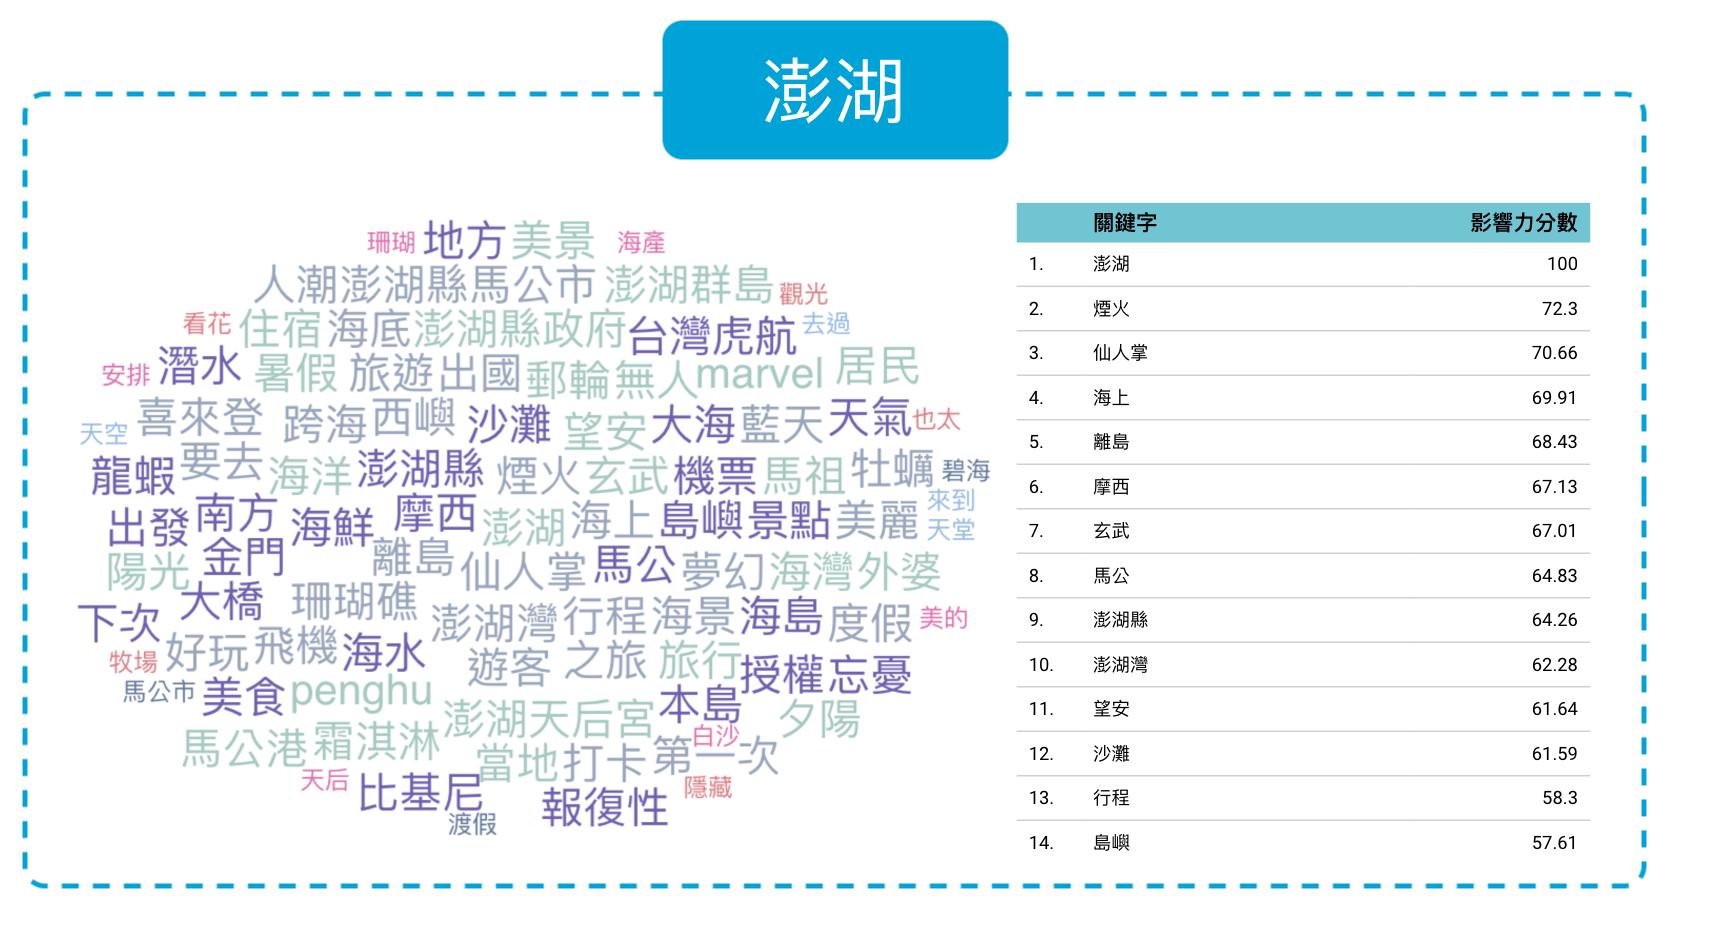 澎湖旅遊文字雲